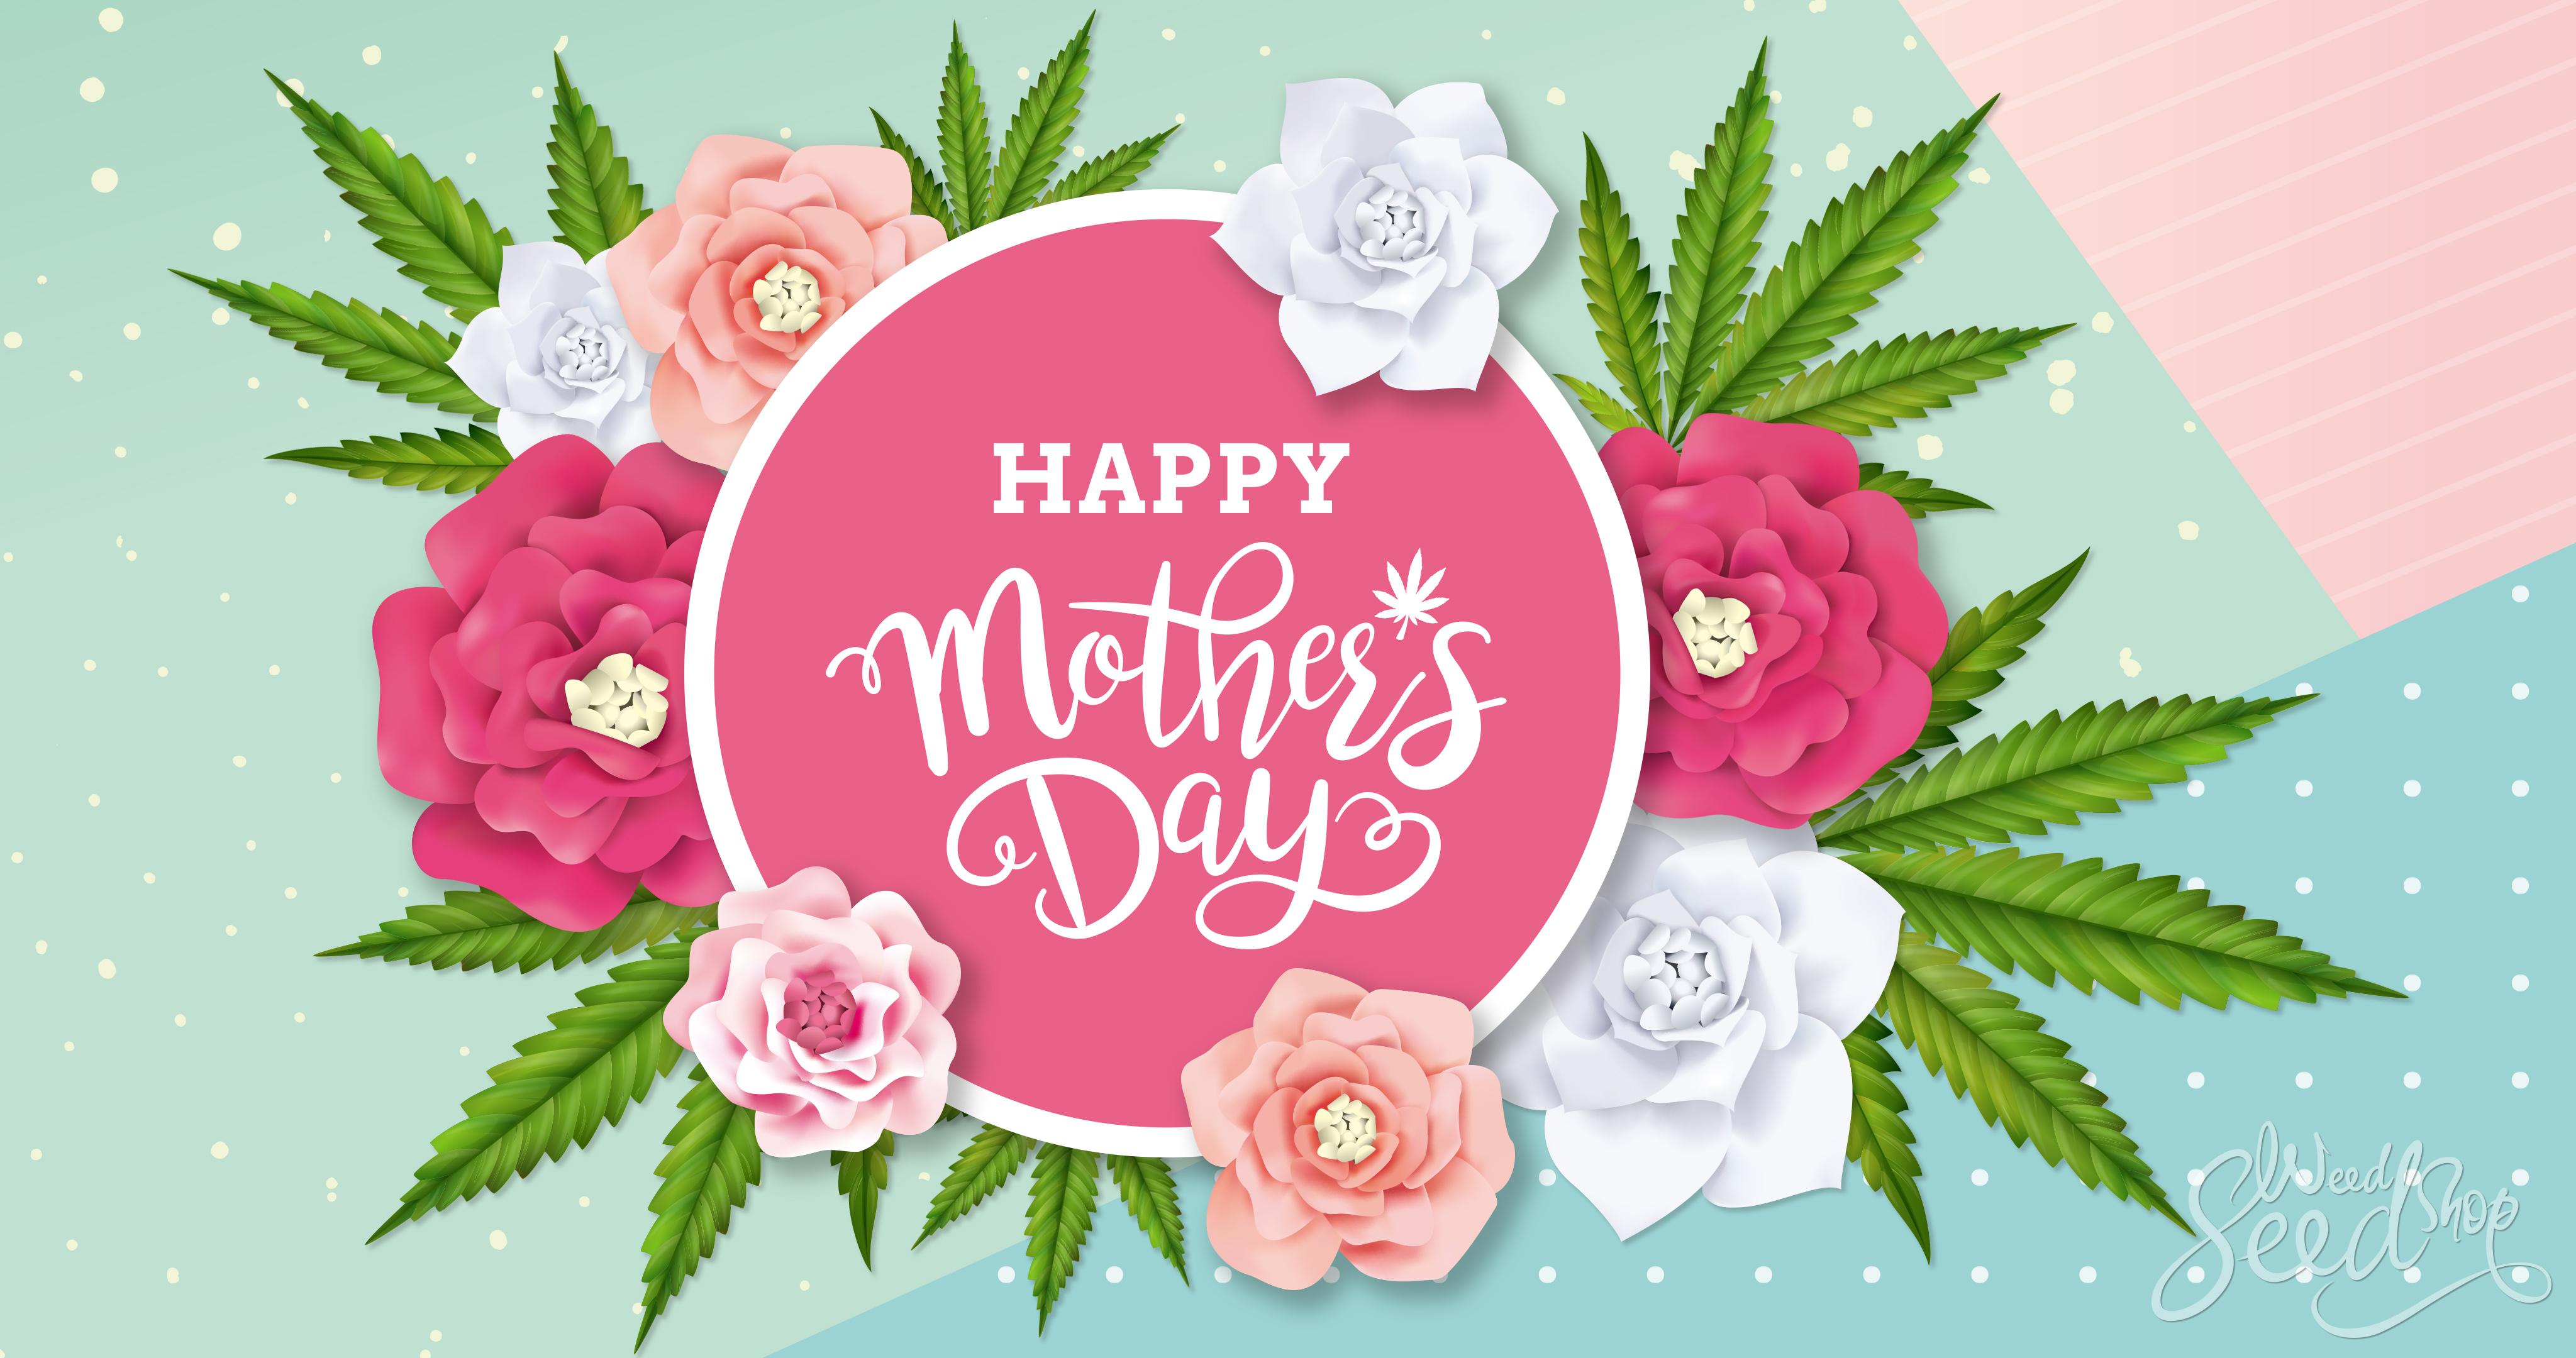 Los 8 mejores canna-regalos para el Día de las Madres